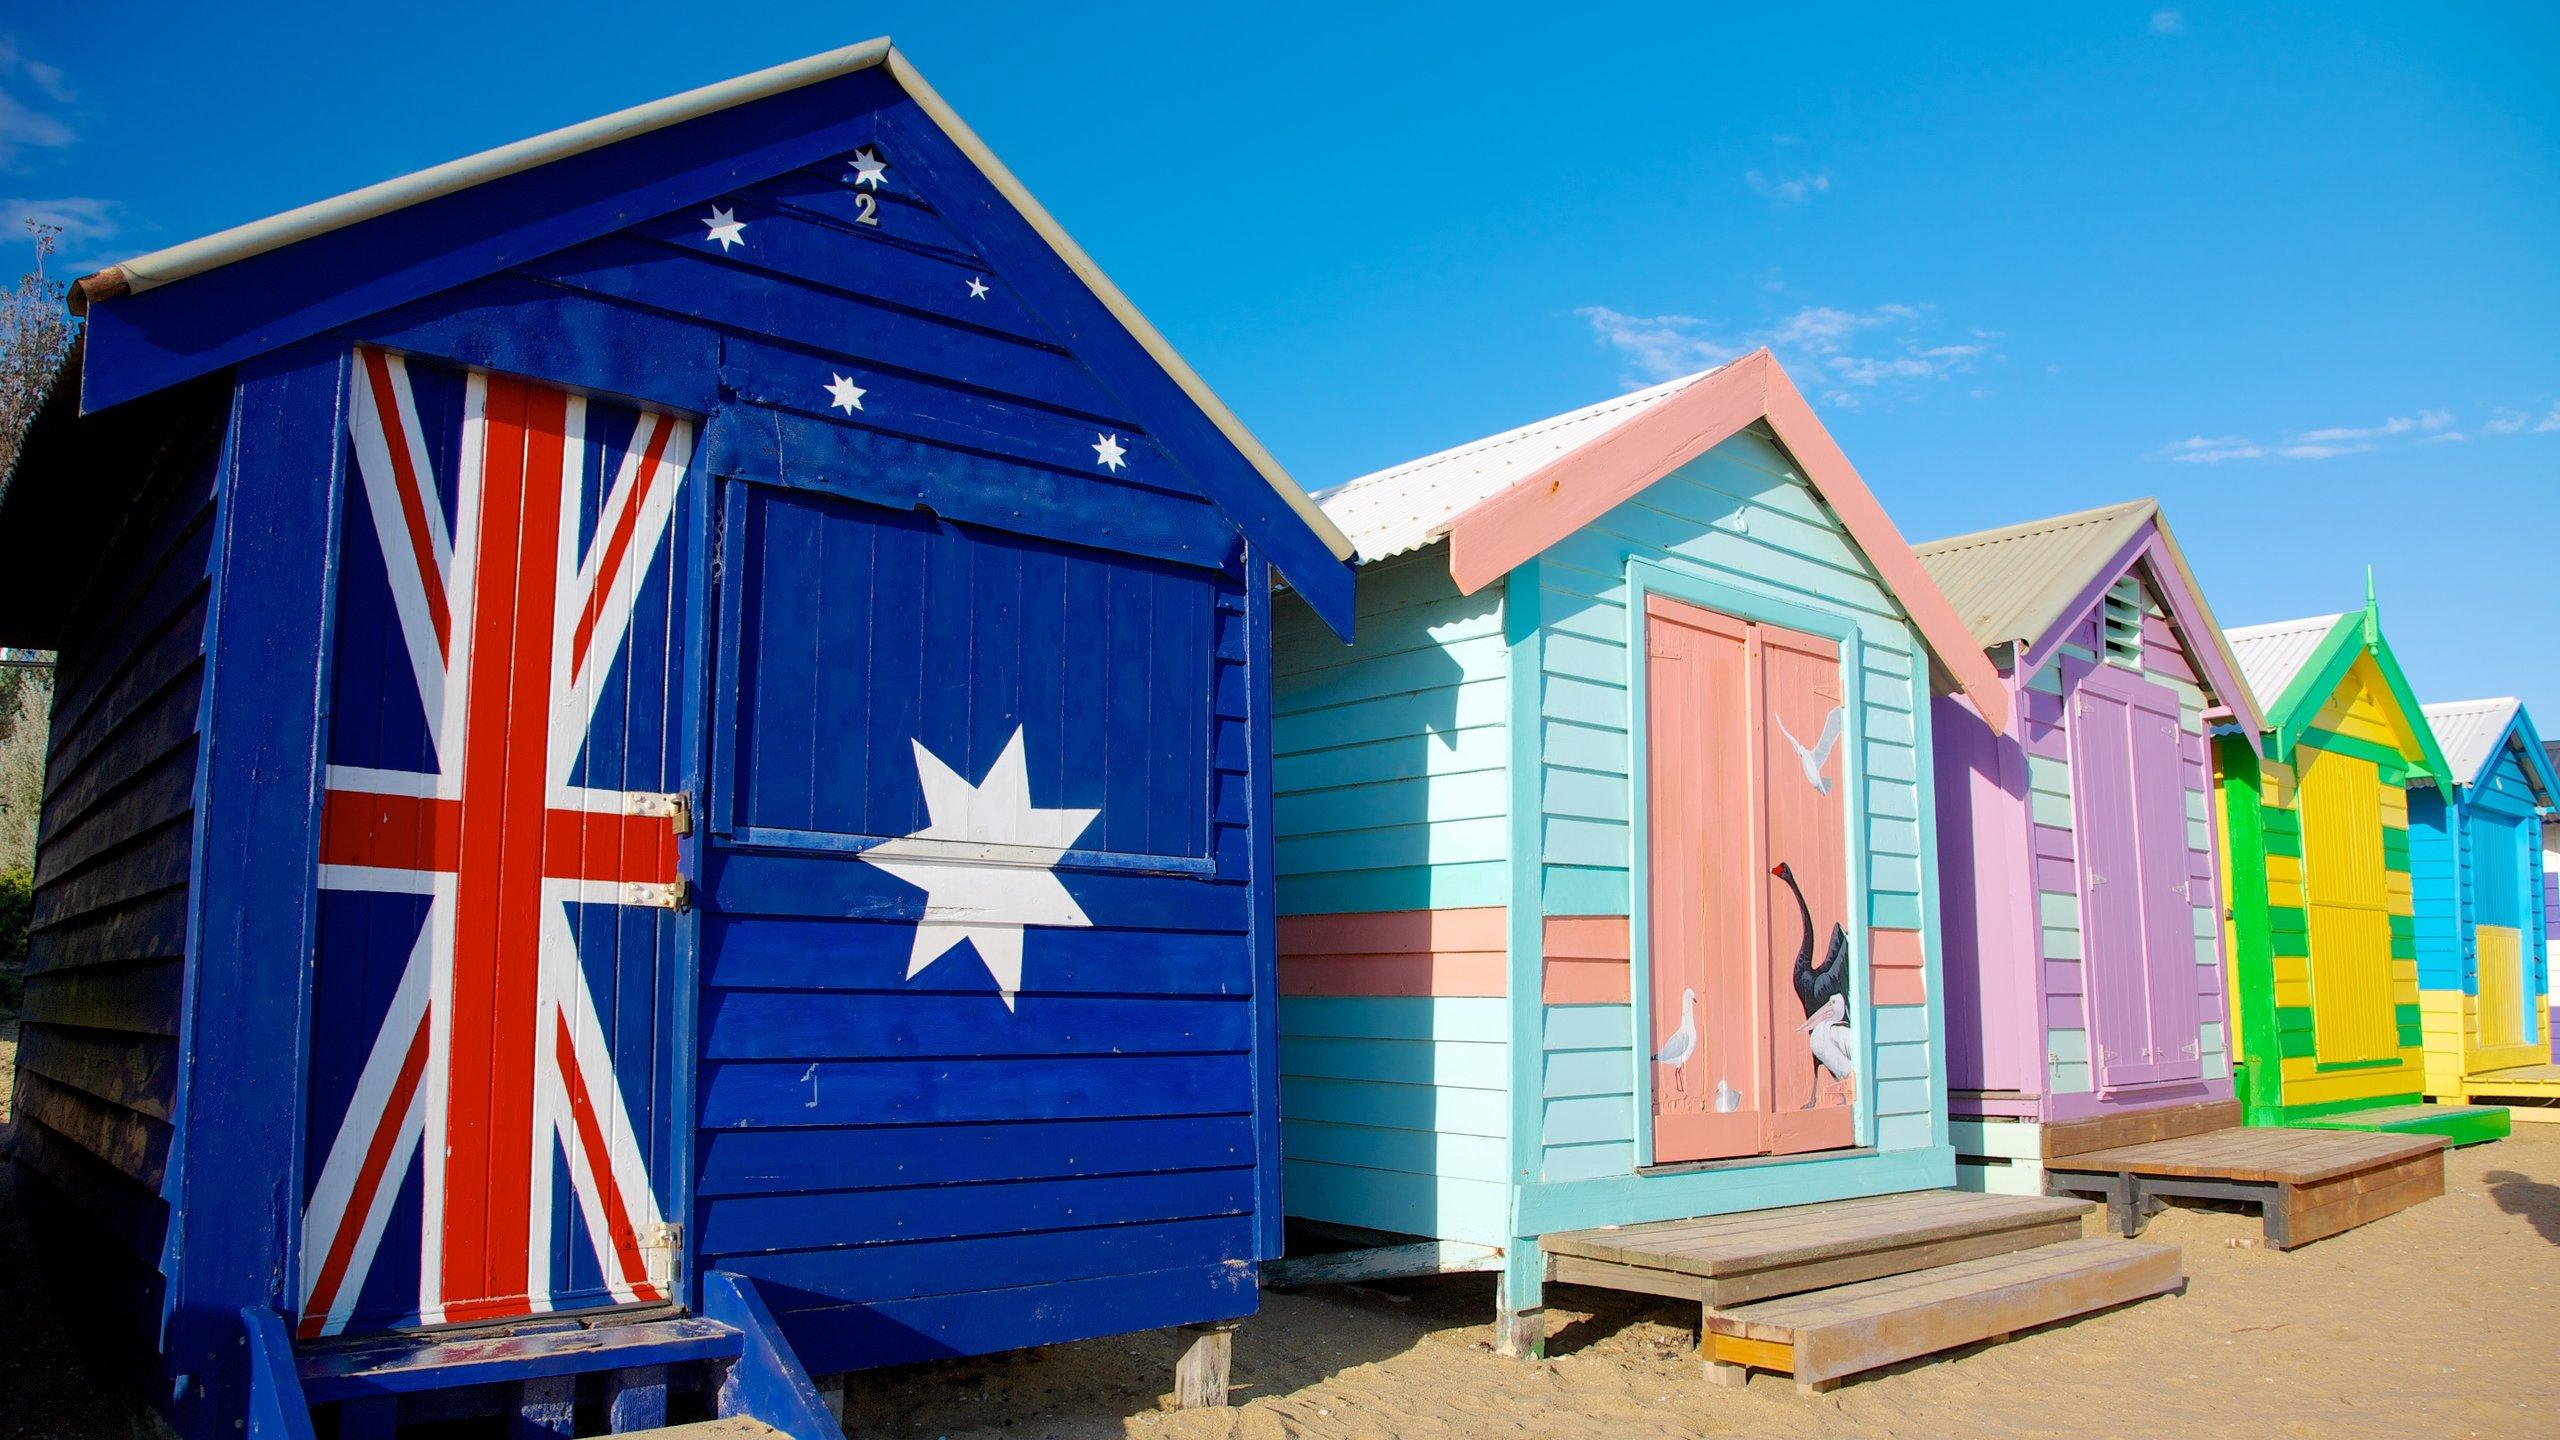 平靜的海水、色彩繽紛的小屋還有具歷史的海水浴,讓這個輕鬆而有風格的郊區海灘成為逃離墨爾本市中心煩囂生活的好去處。